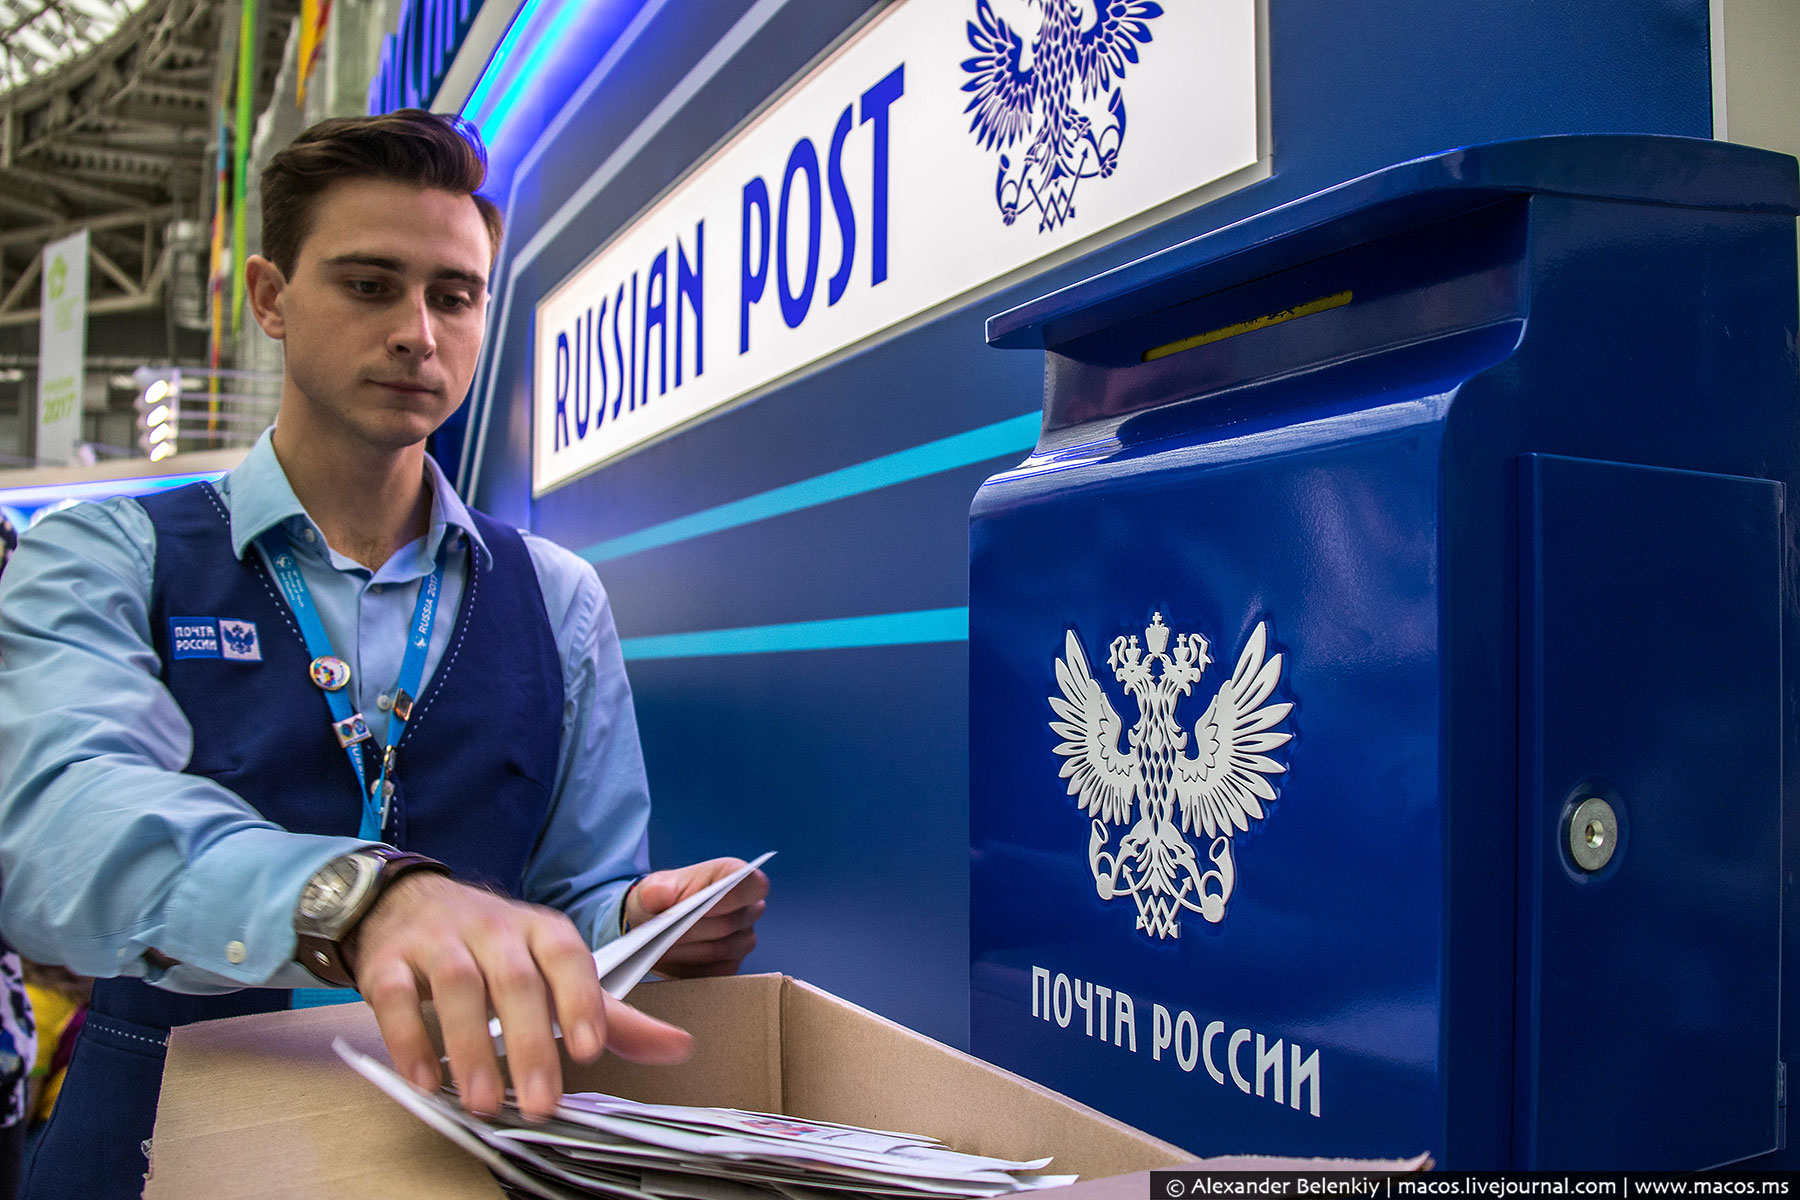 Стоимость заказного письма почта россии